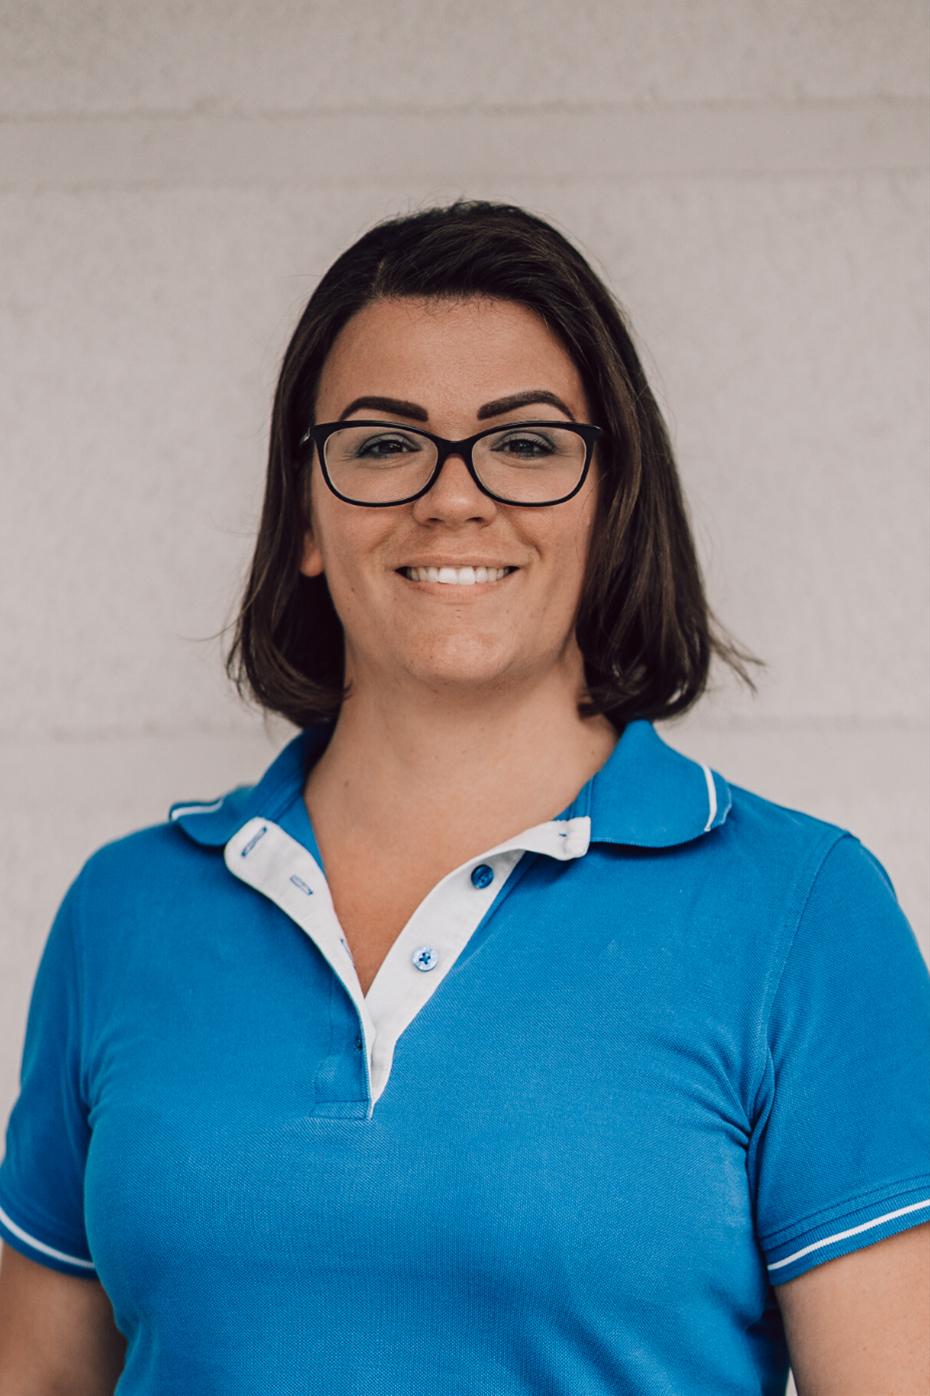 <b>Susann Bauer</b>